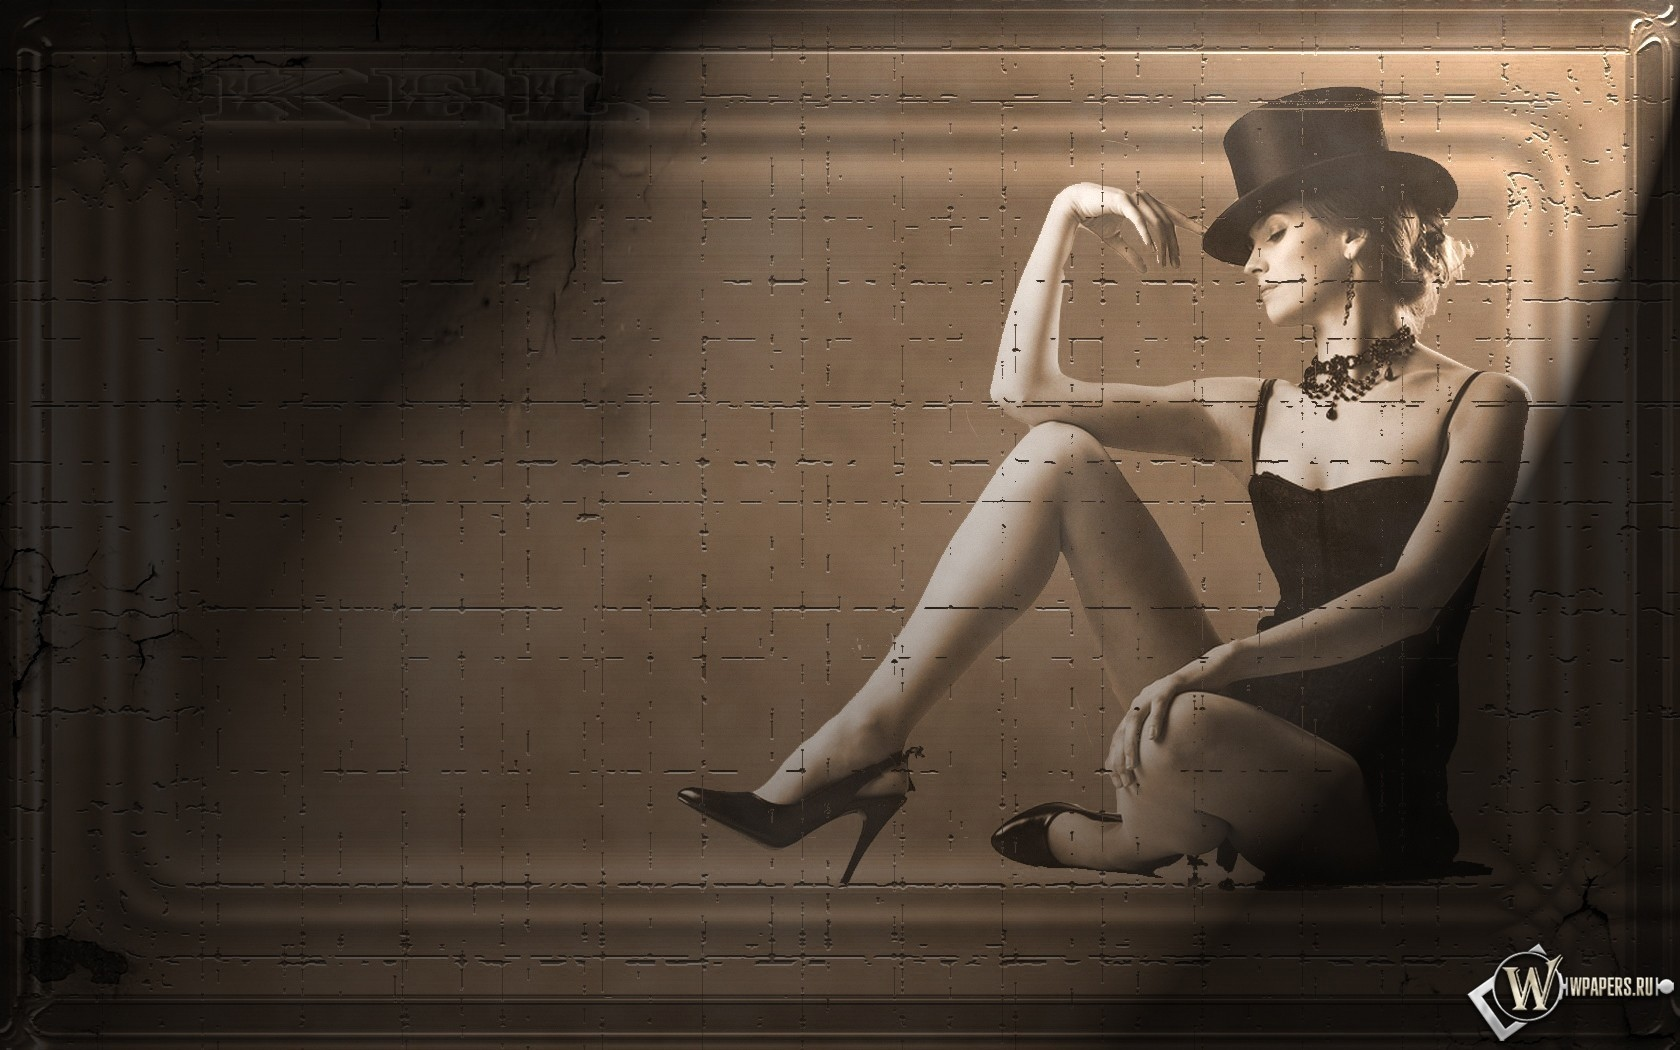 Ретро эротика чулки бесплатно без регистрации и смс 6 фотография